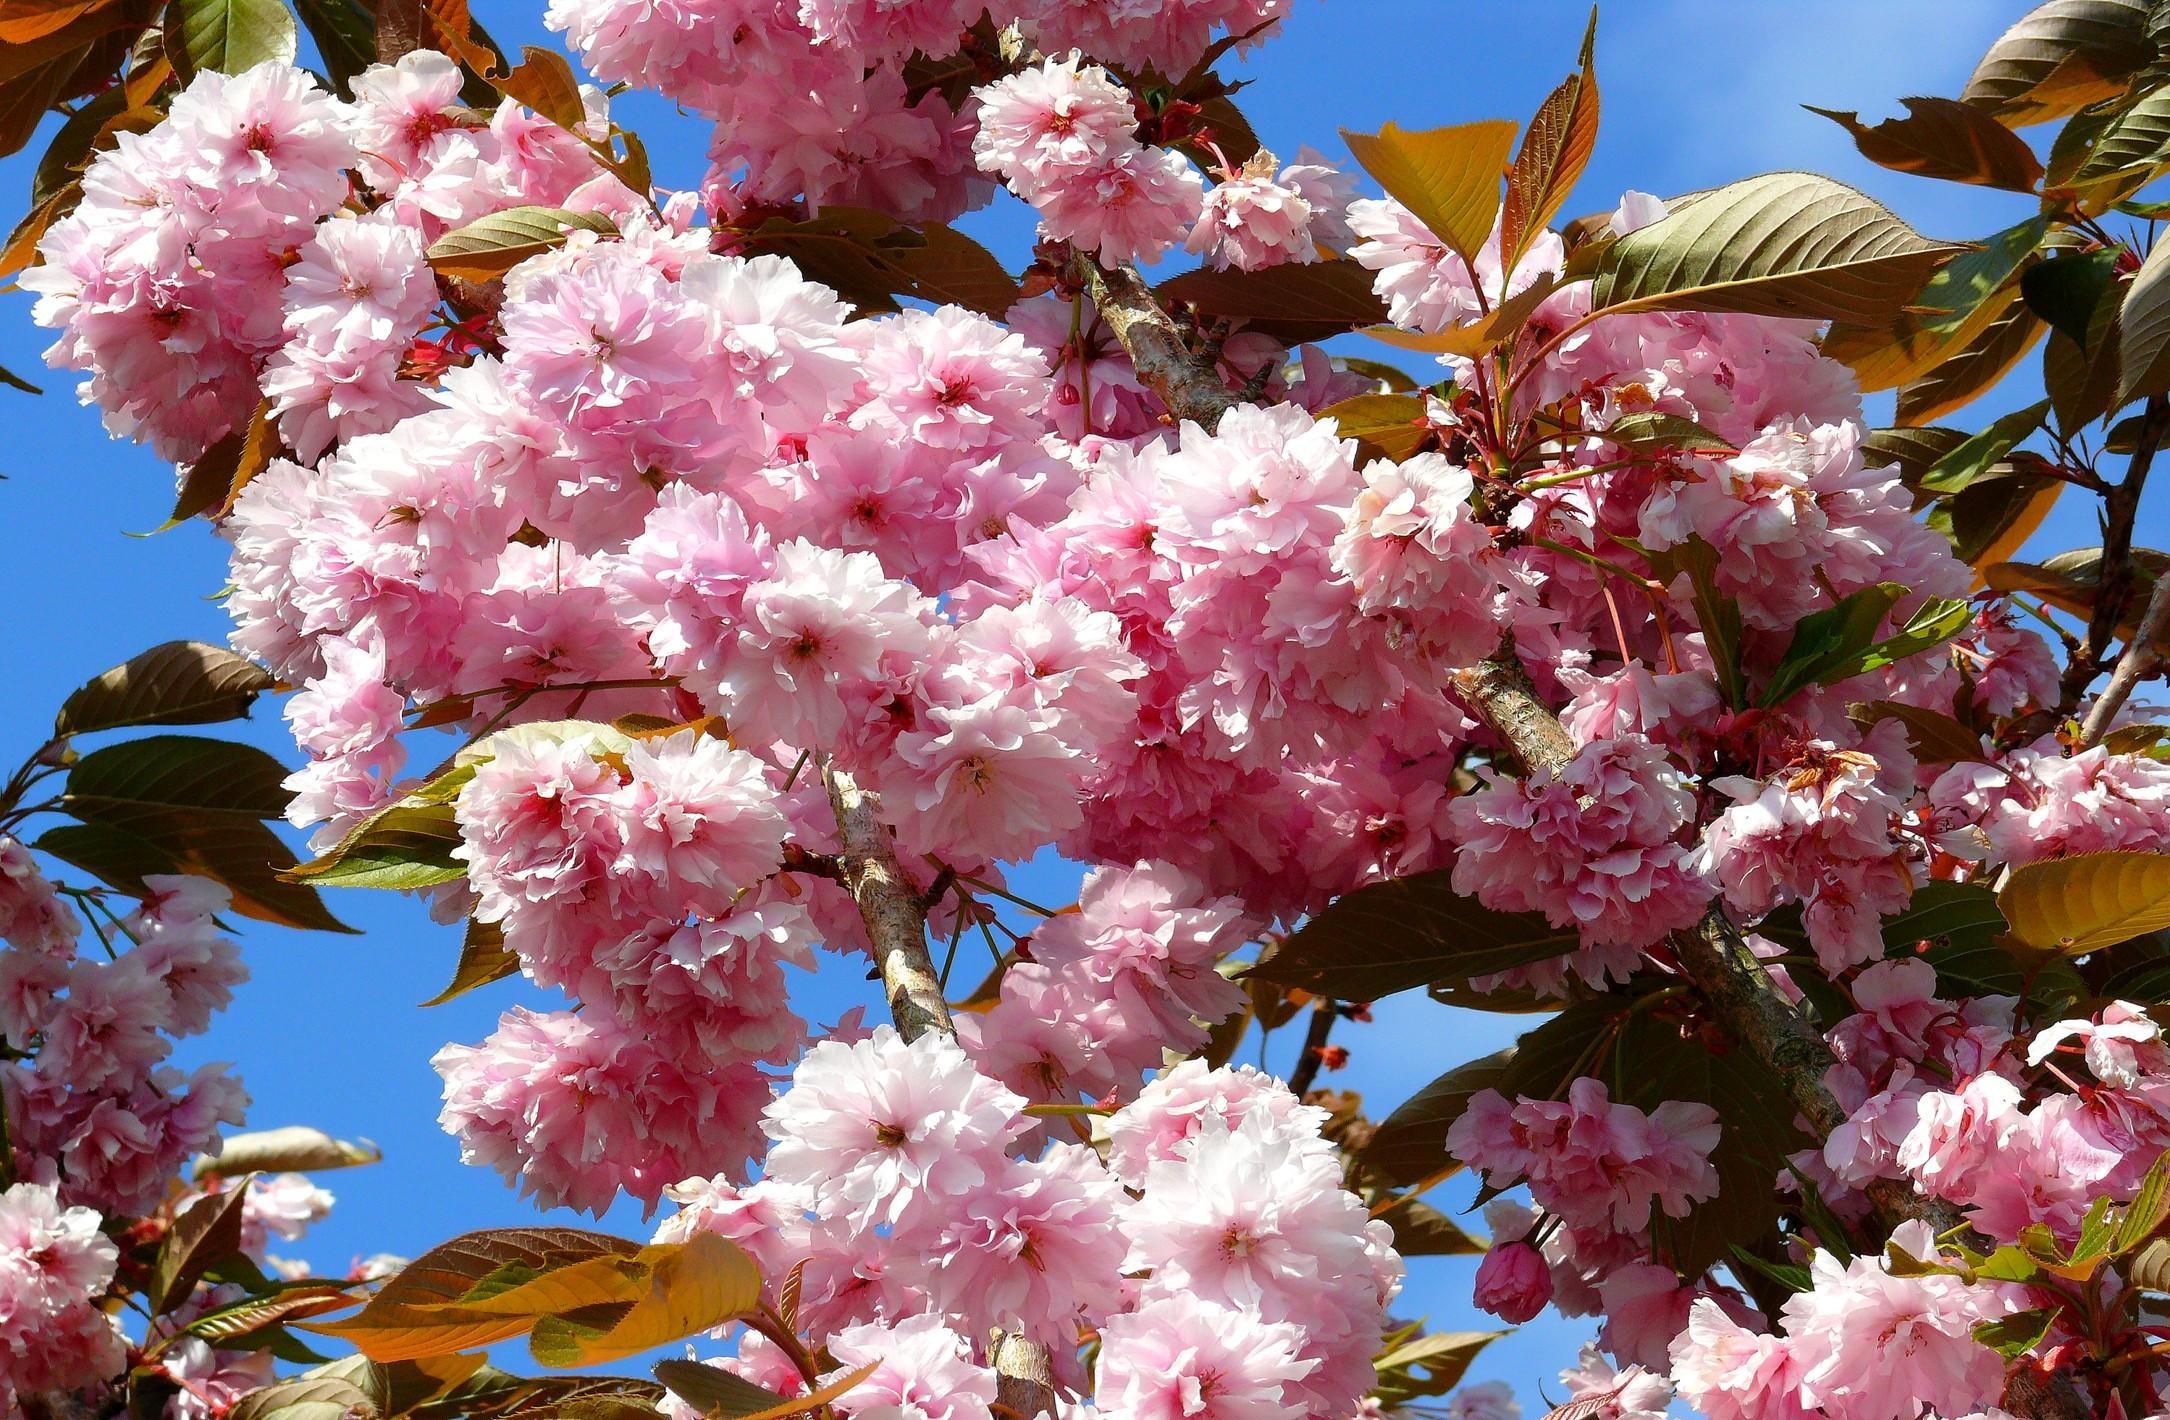 134492 Заставки и Обои Сакура на телефон. Скачать Цветы, Небо, Листья, Сакура, Цветение, Ветка, Весна картинки бесплатно